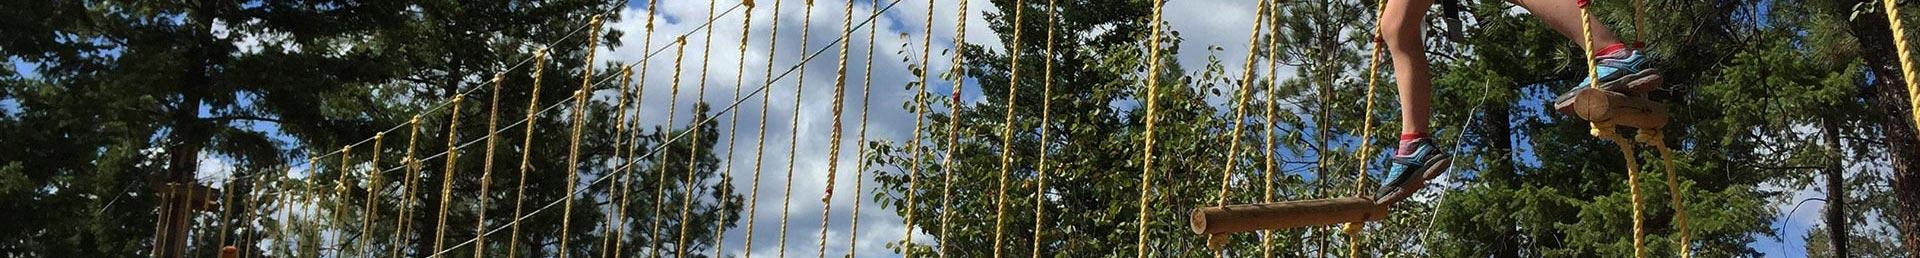 Accrobranche - Grimpe d'arbres